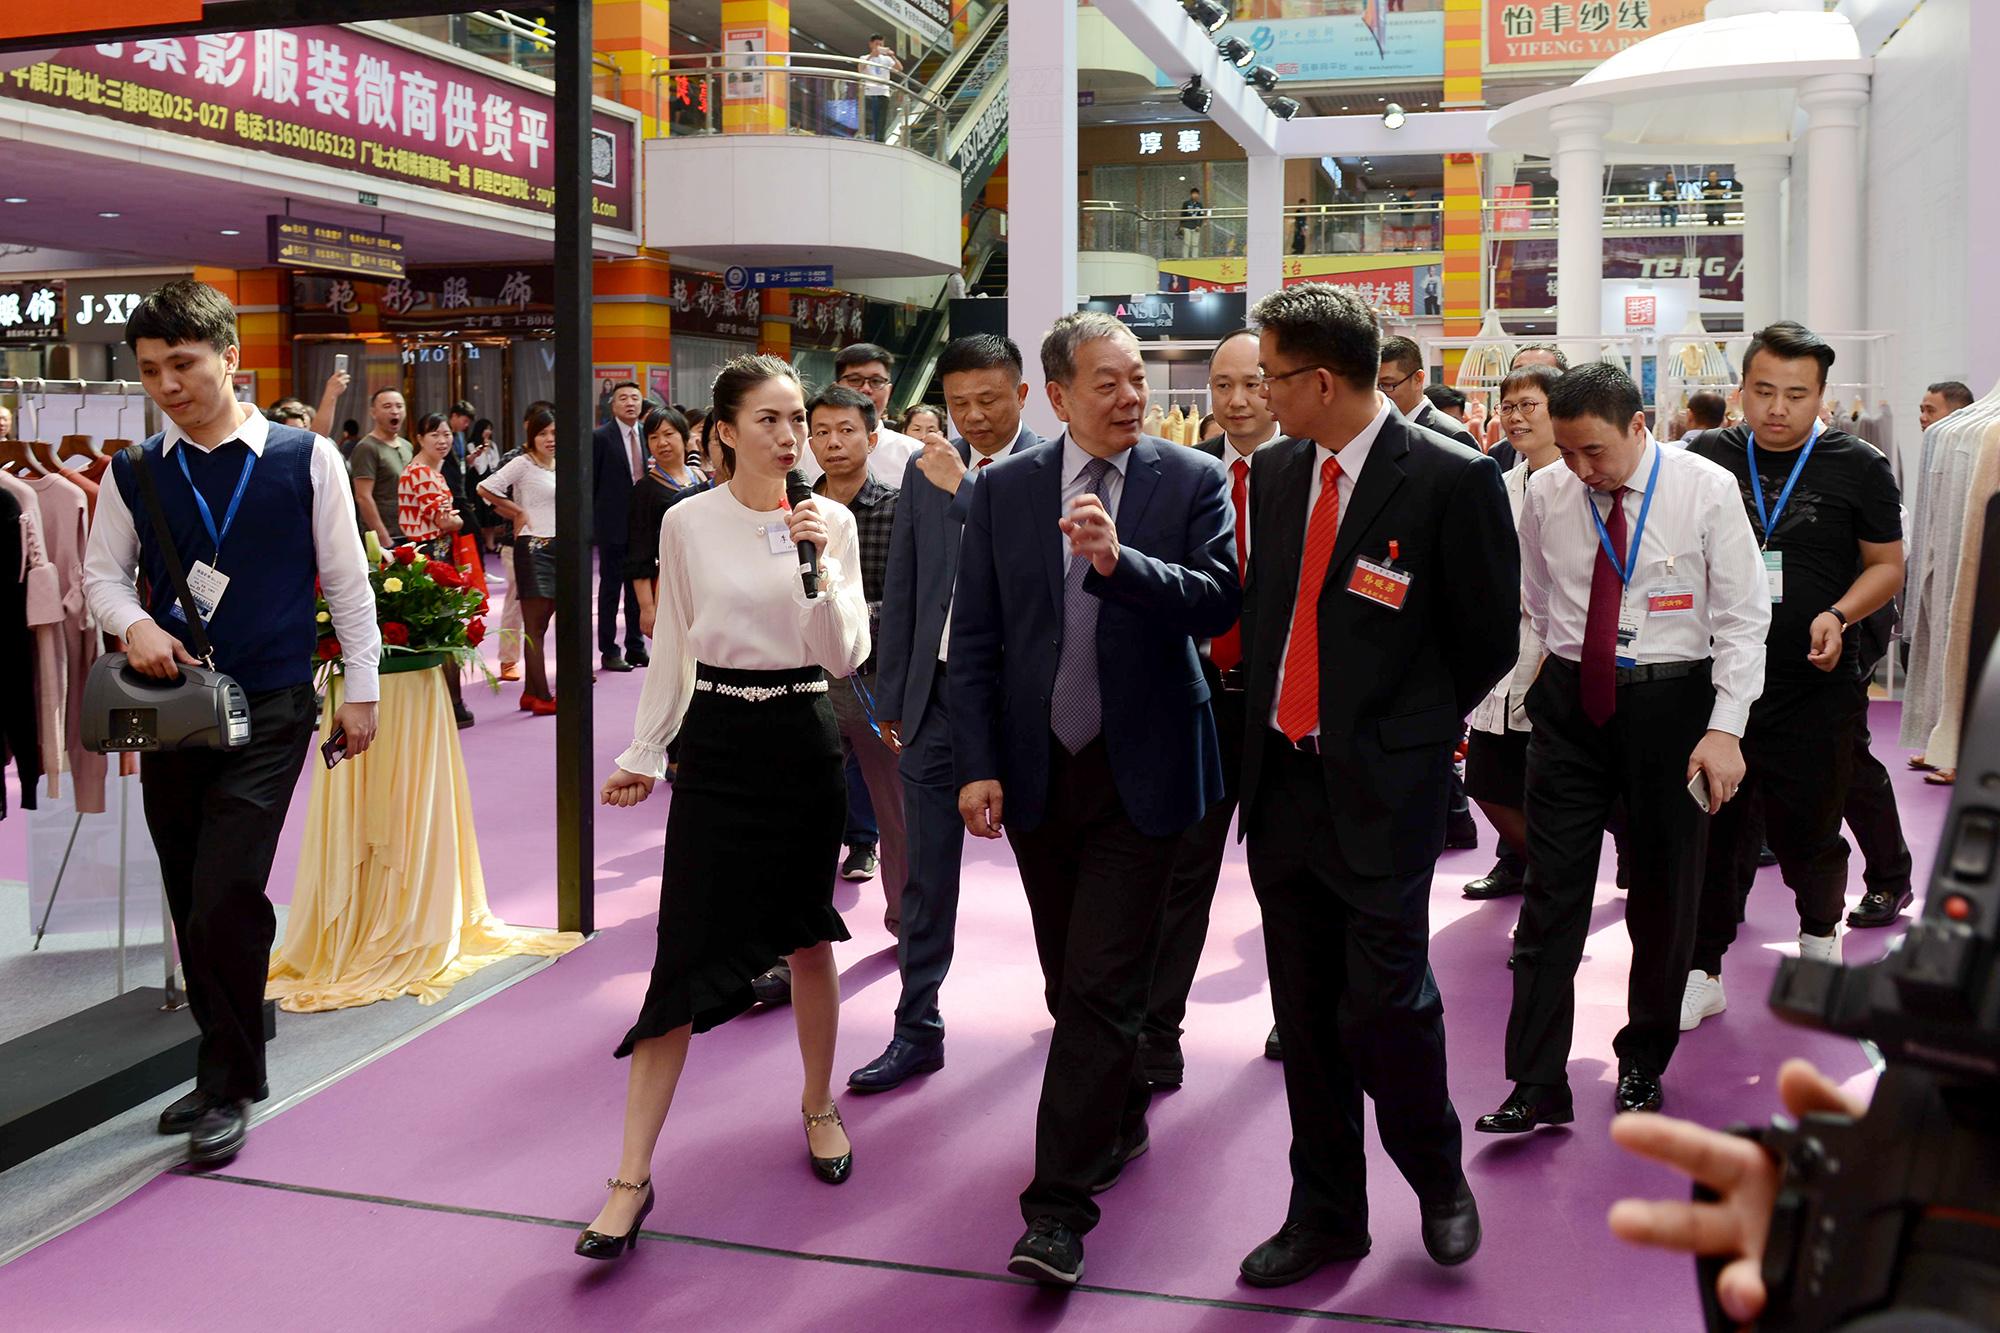 第十六届中国(大朗)国际毛织产品交易会开幕 领导莅临巡馆